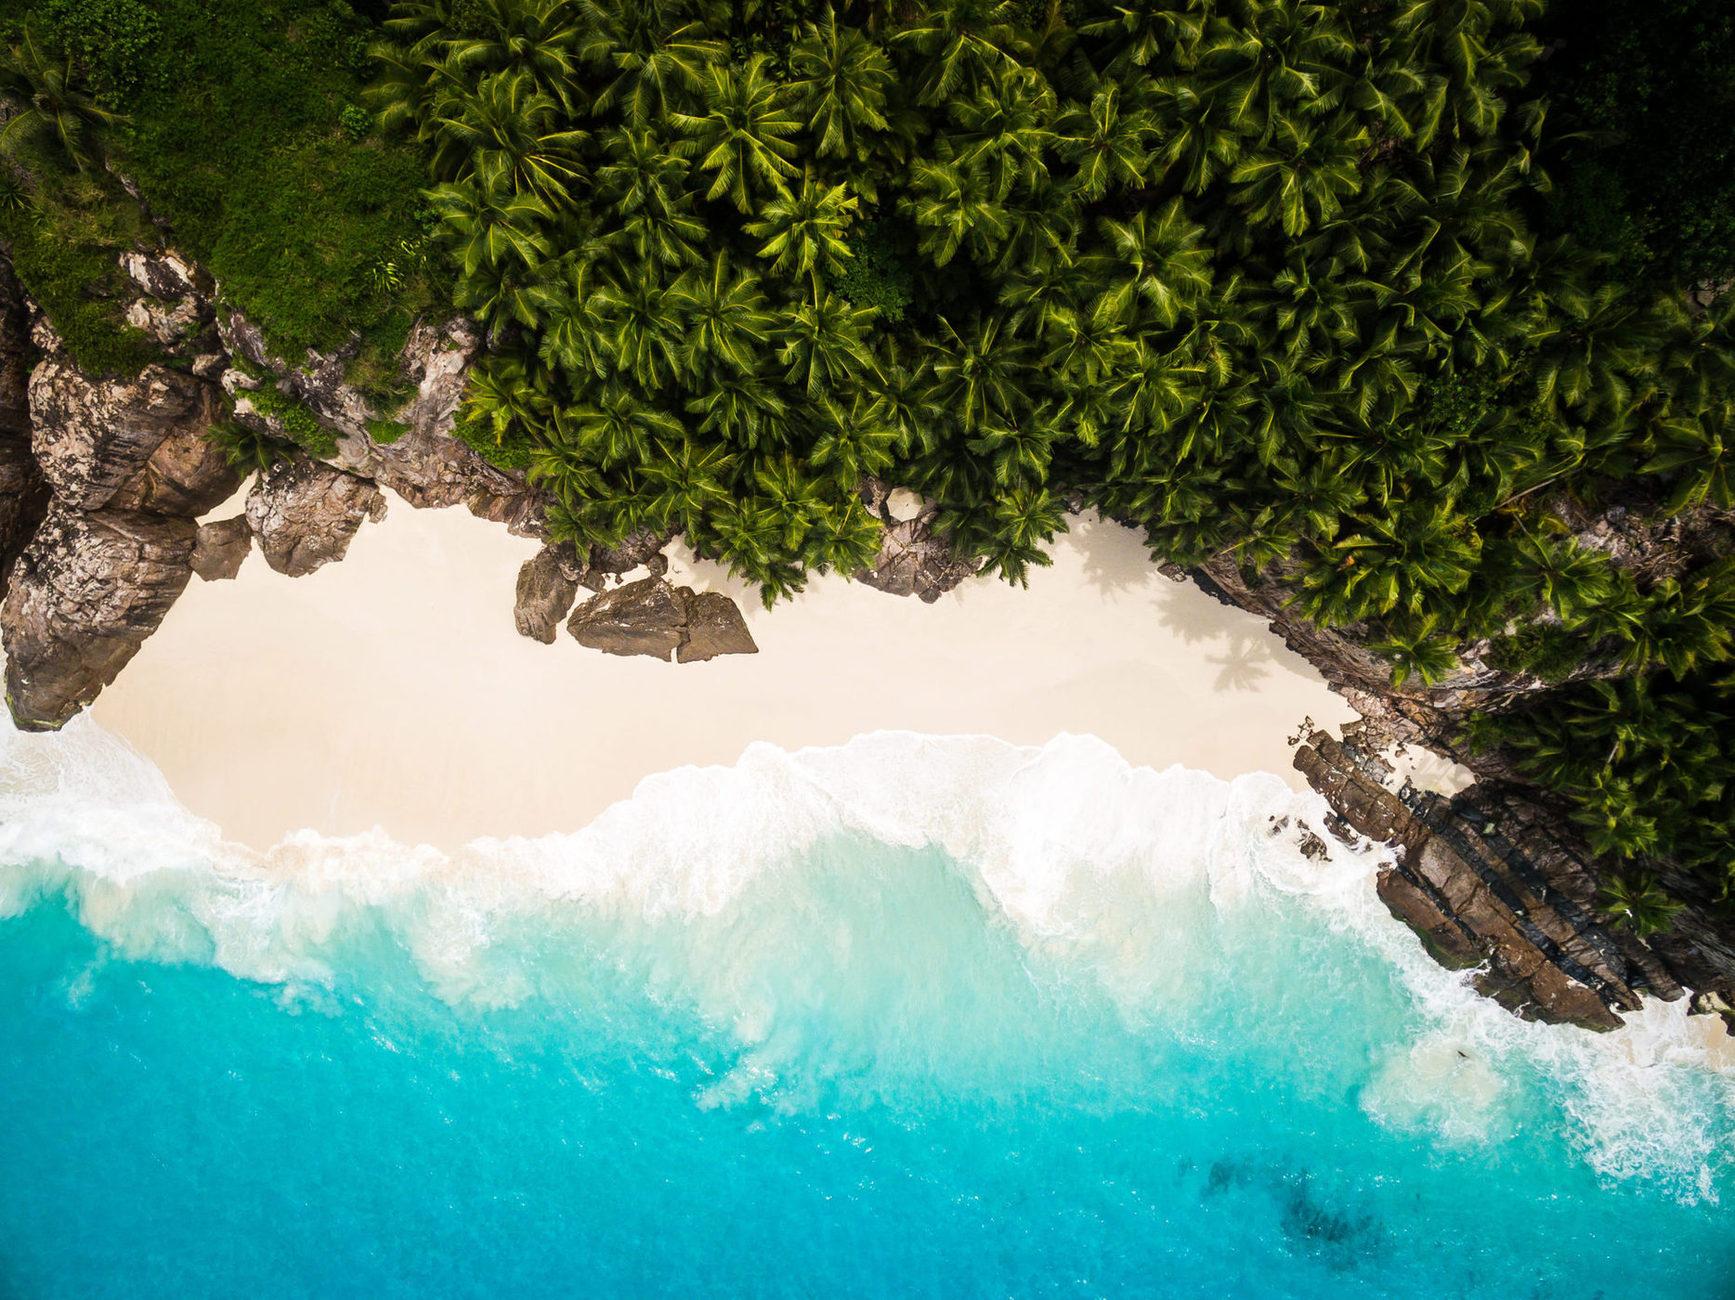 Позагорайте на 7 пляжах вокруг острова, один из которых, Victorin, признан одним из самых красивых в мире